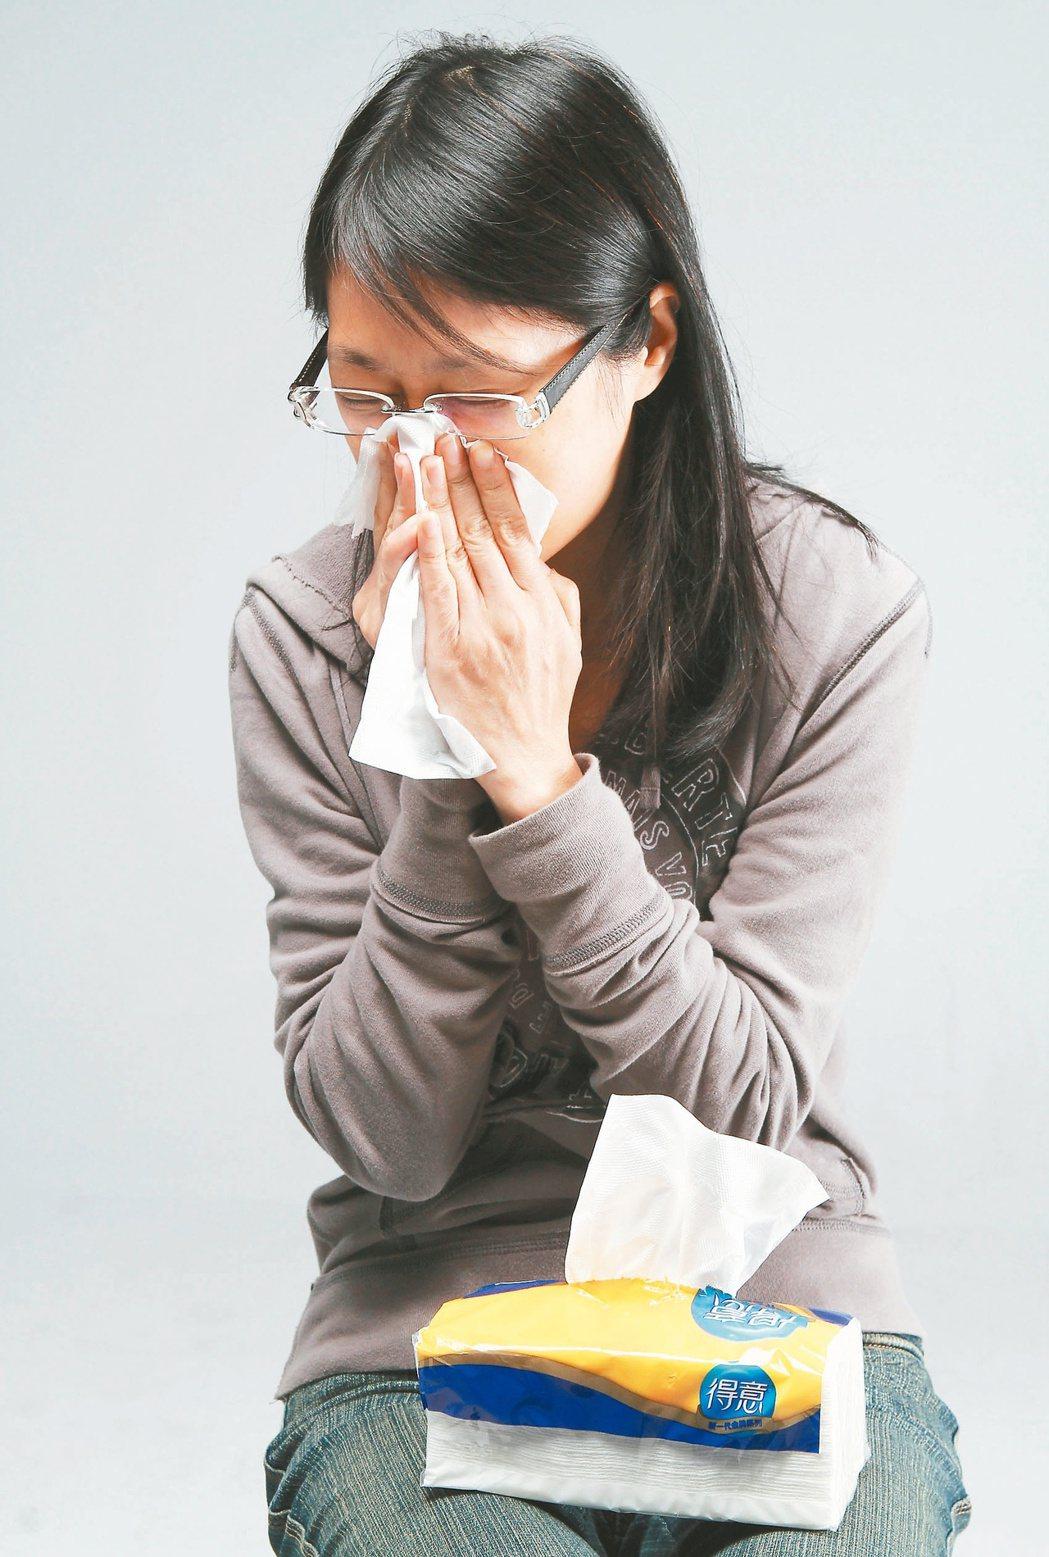 久咳超過兩周以上不癒,且伴隨胸悶,可能是氣喘。 報系資料照片